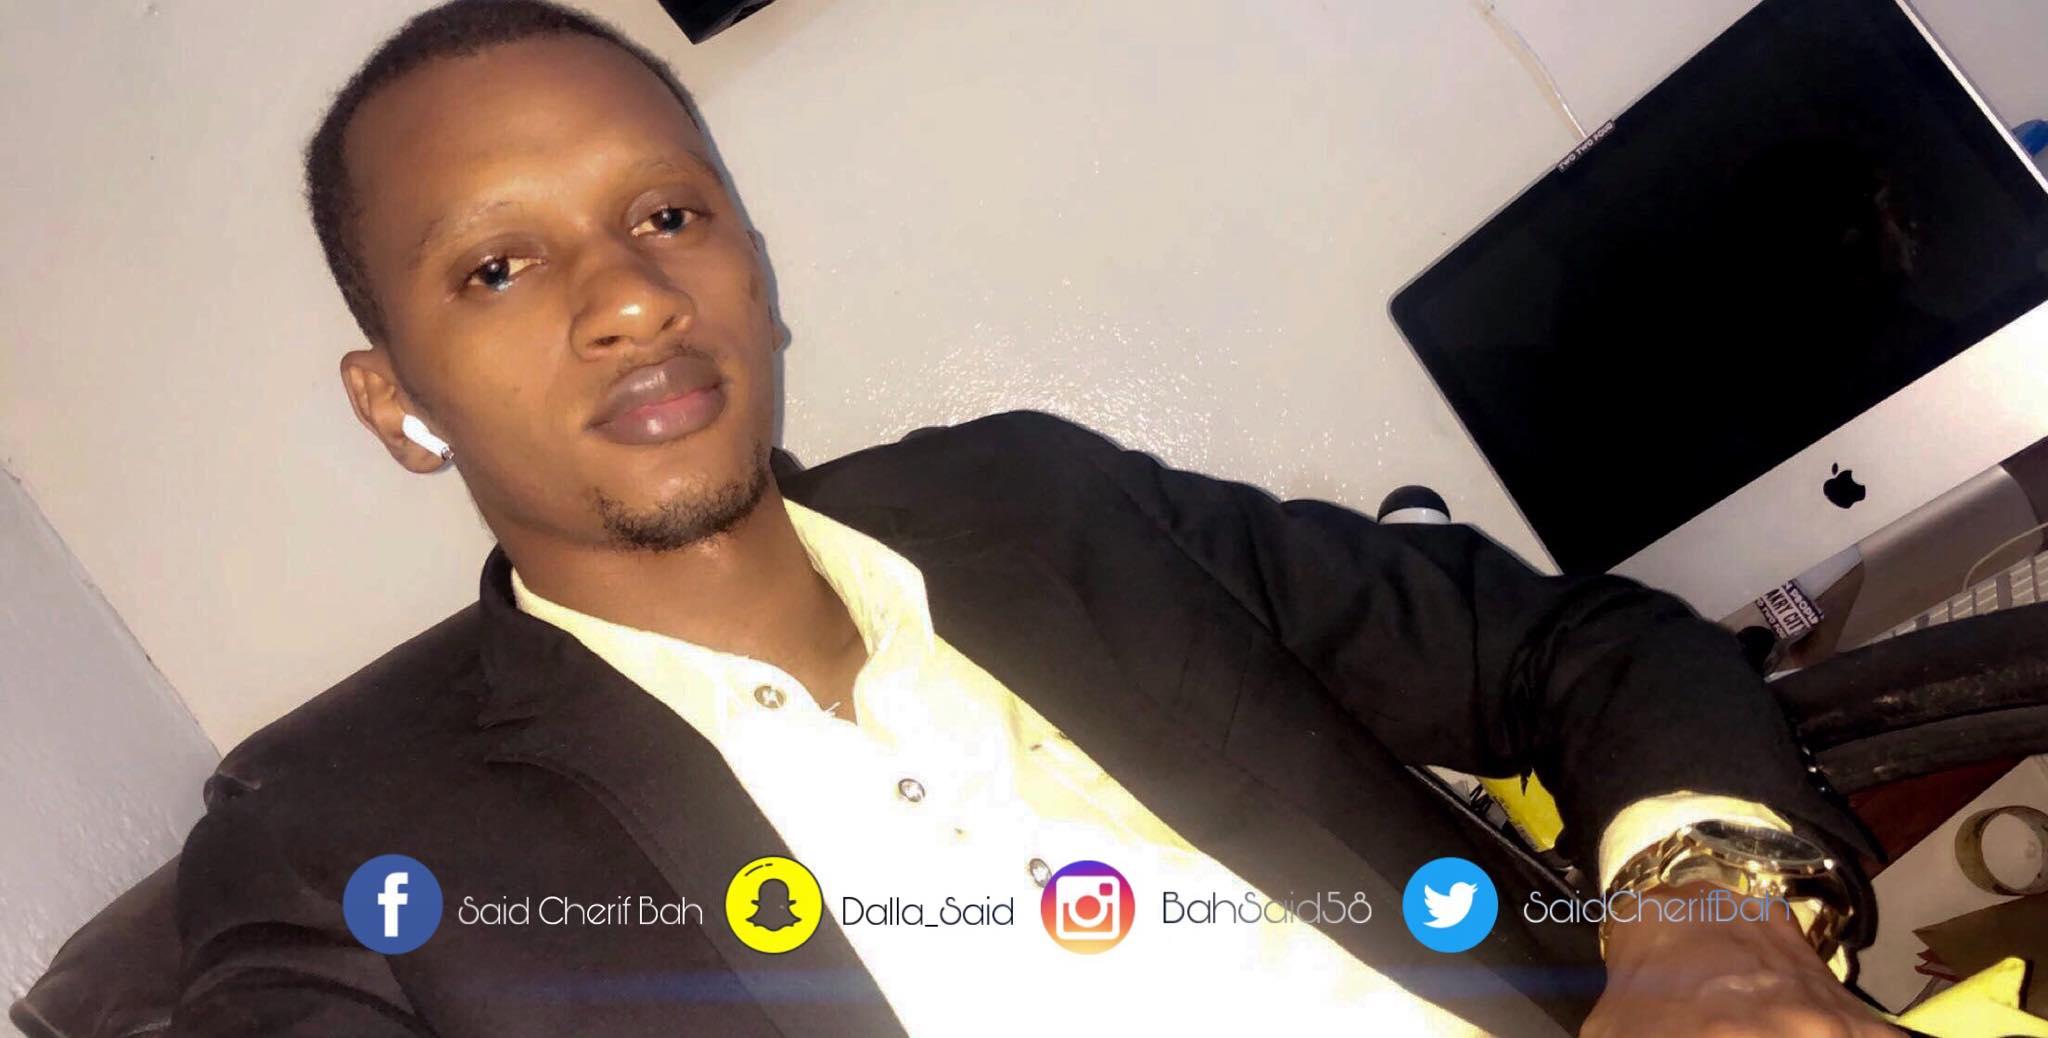 Rencontre avec Said Chérif Bah, Jeune Guinéen Fondateur de NakryCity